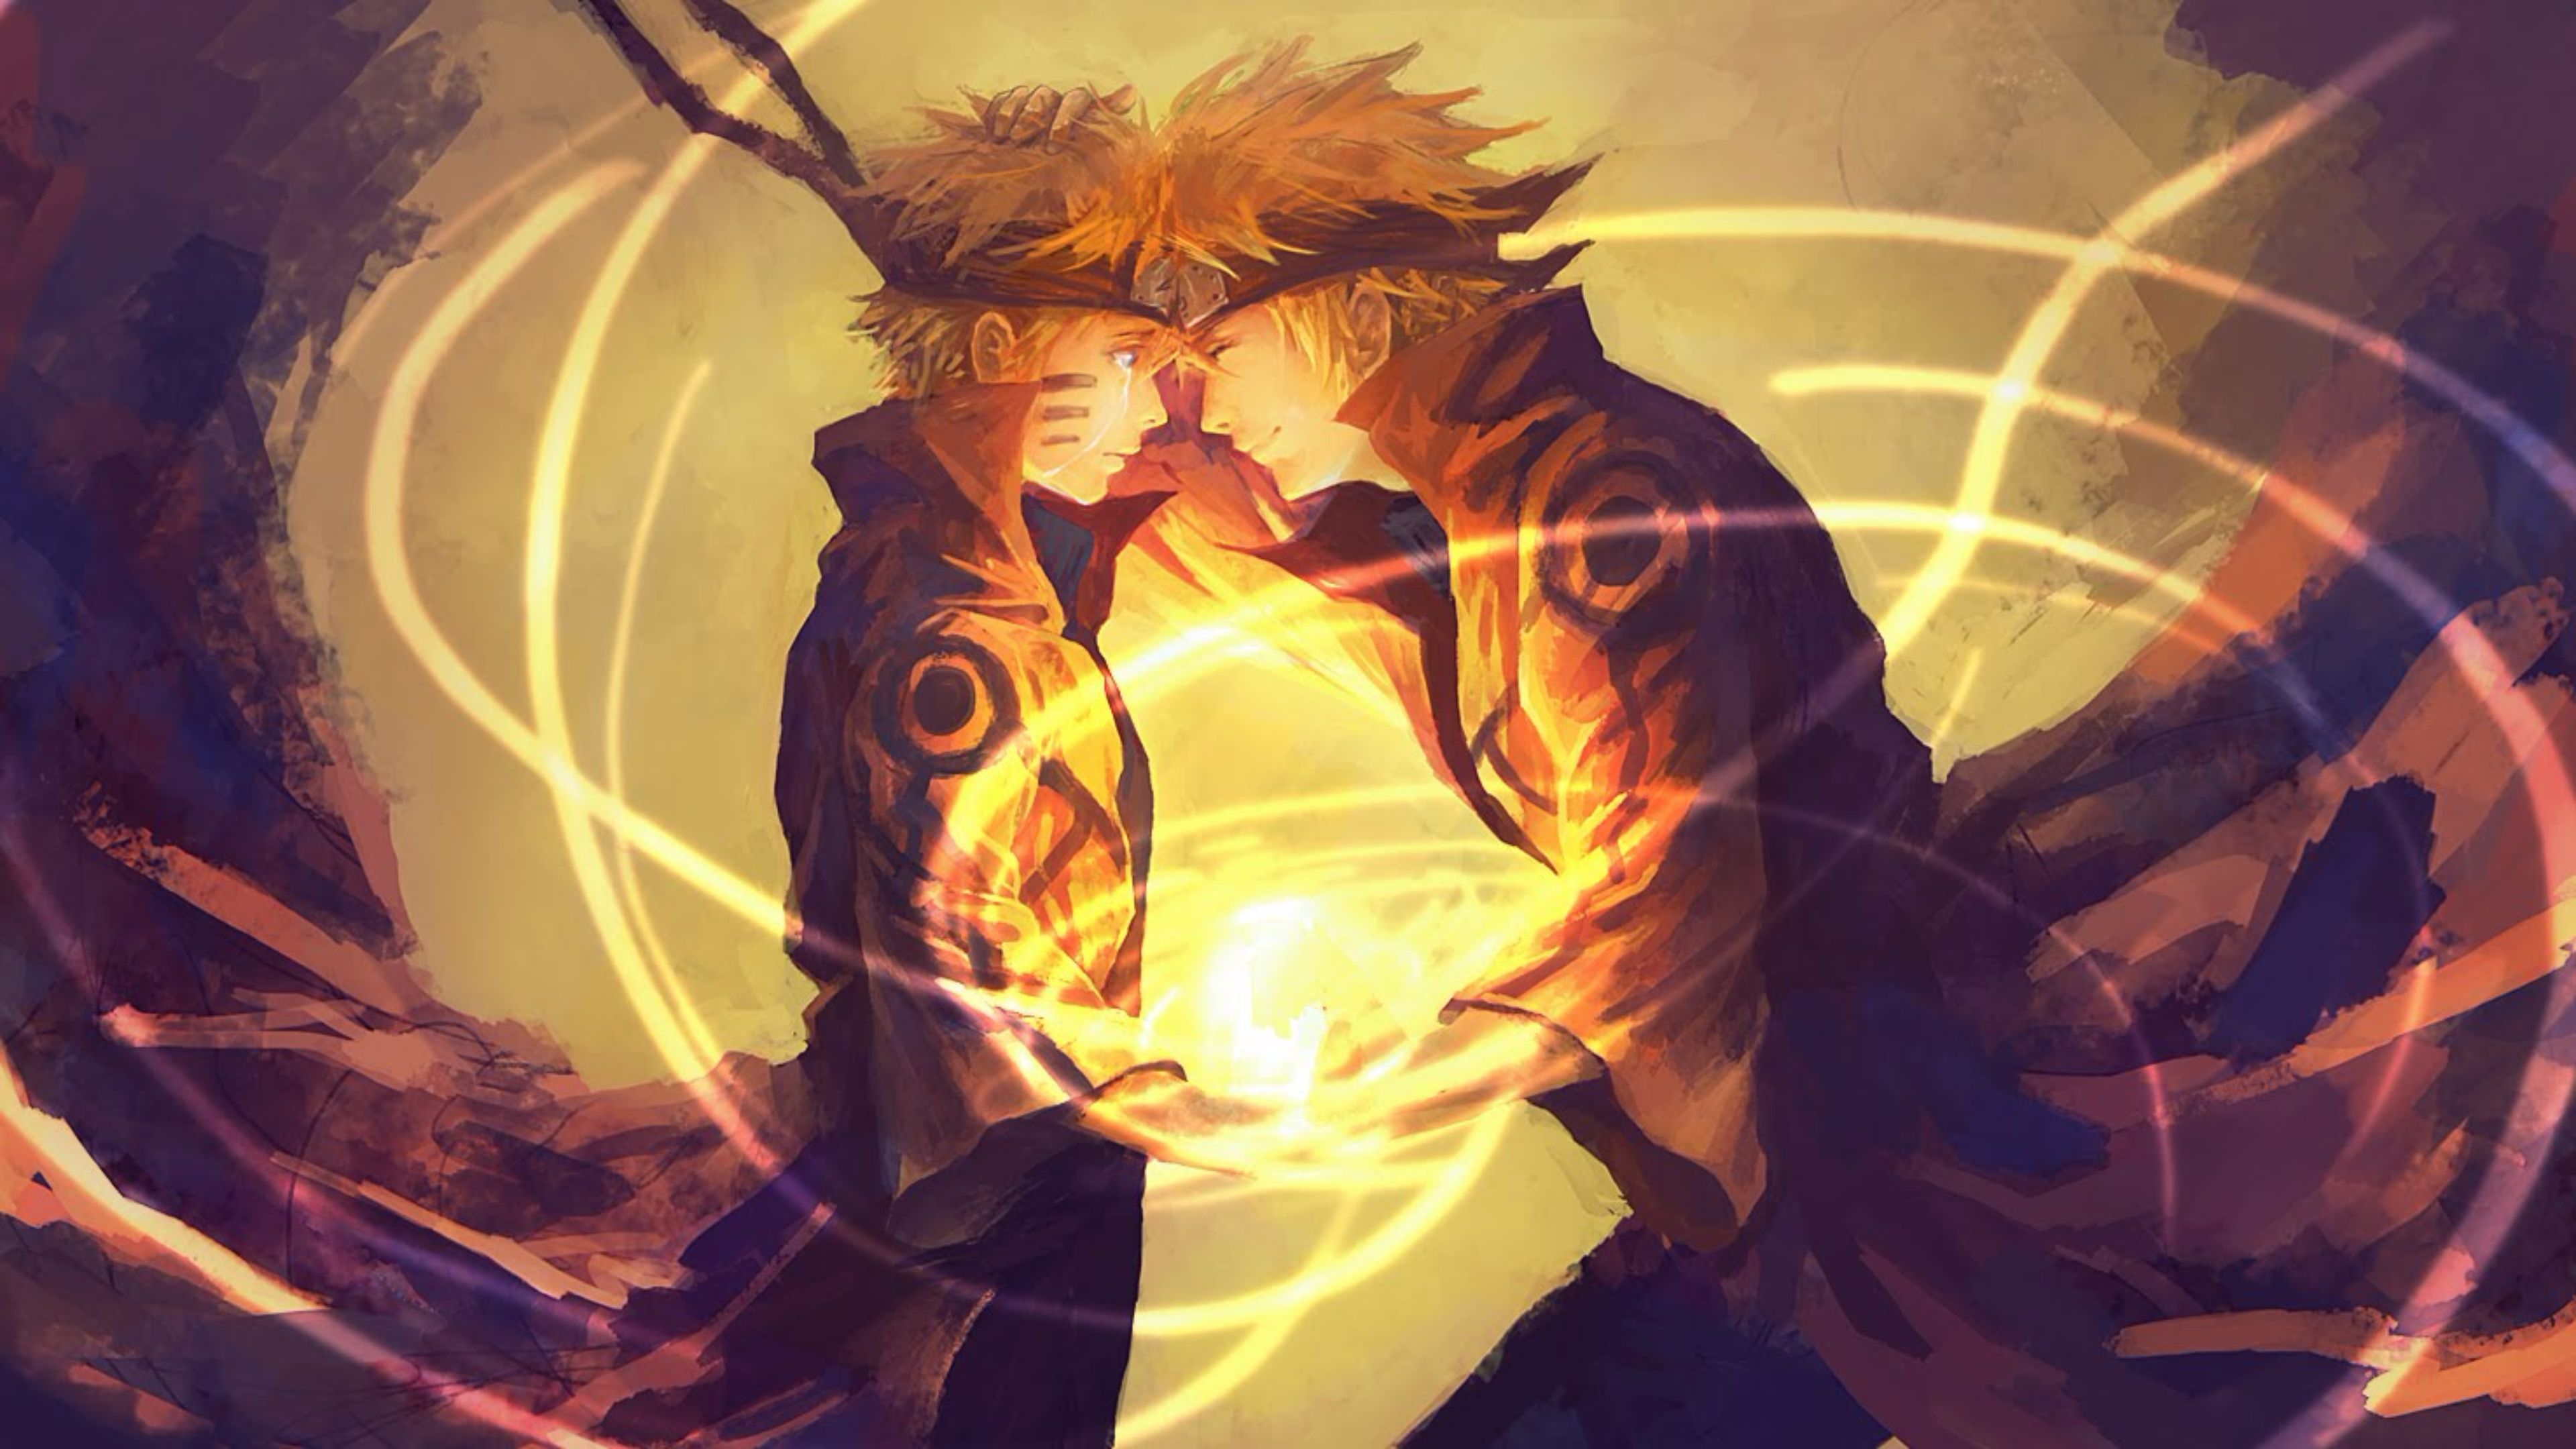 Free download 4K Naruto Wallpapers Top 4K Naruto ...